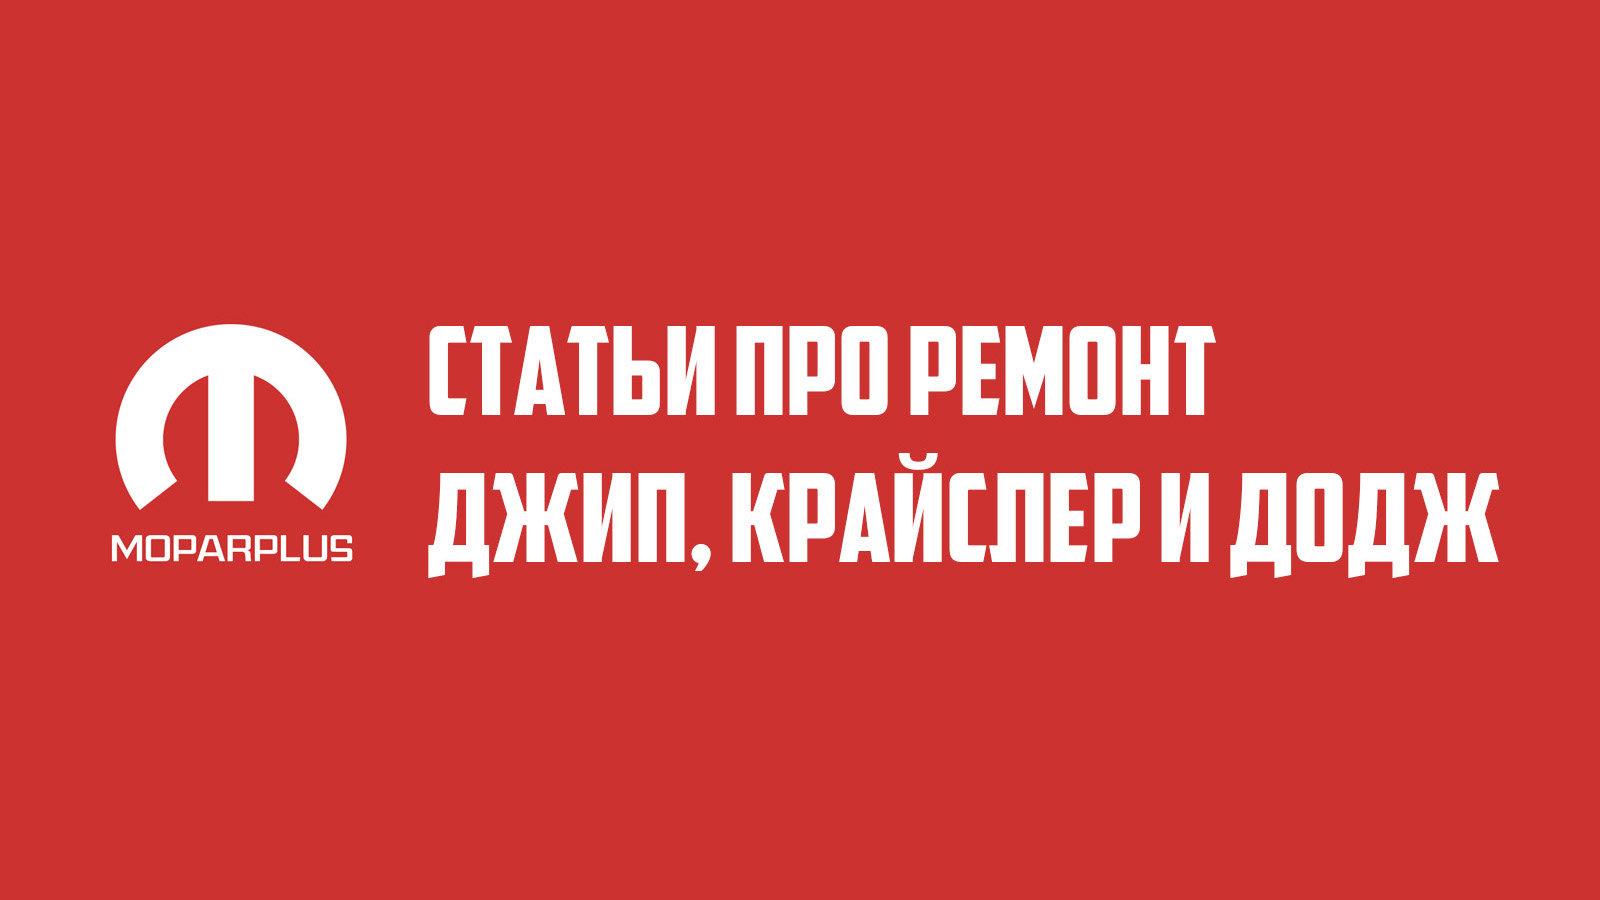 Статьи про ремонт. Выпуск №2.